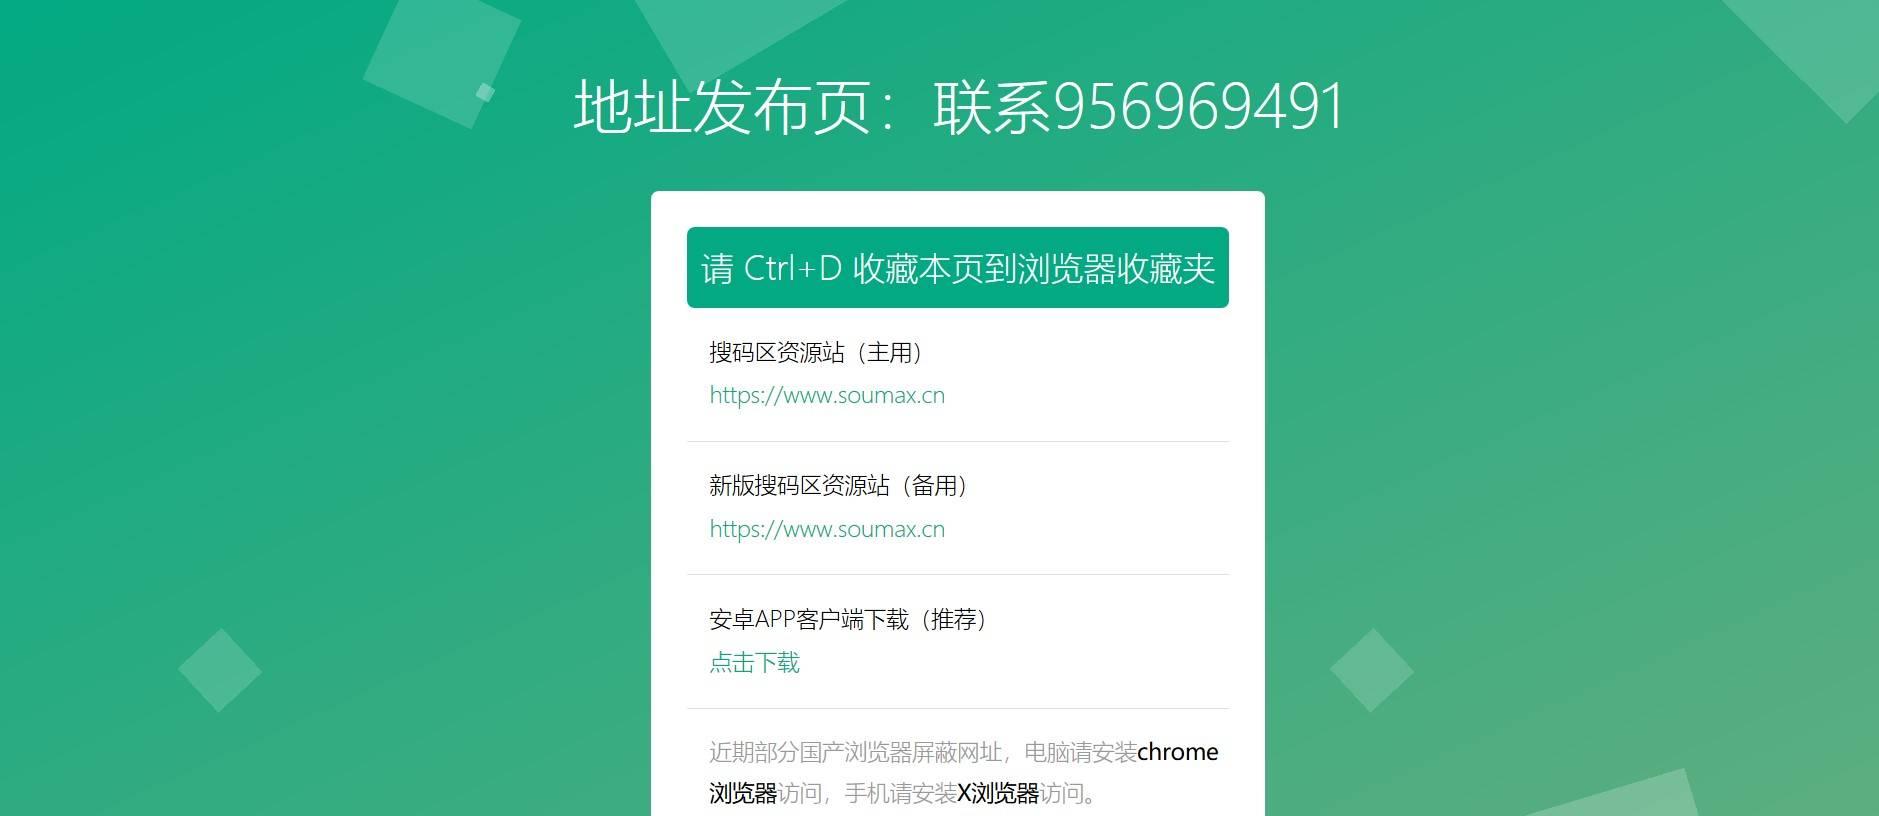 简约网站地址发布页界面HTML单页源码 H站必备 资源屋